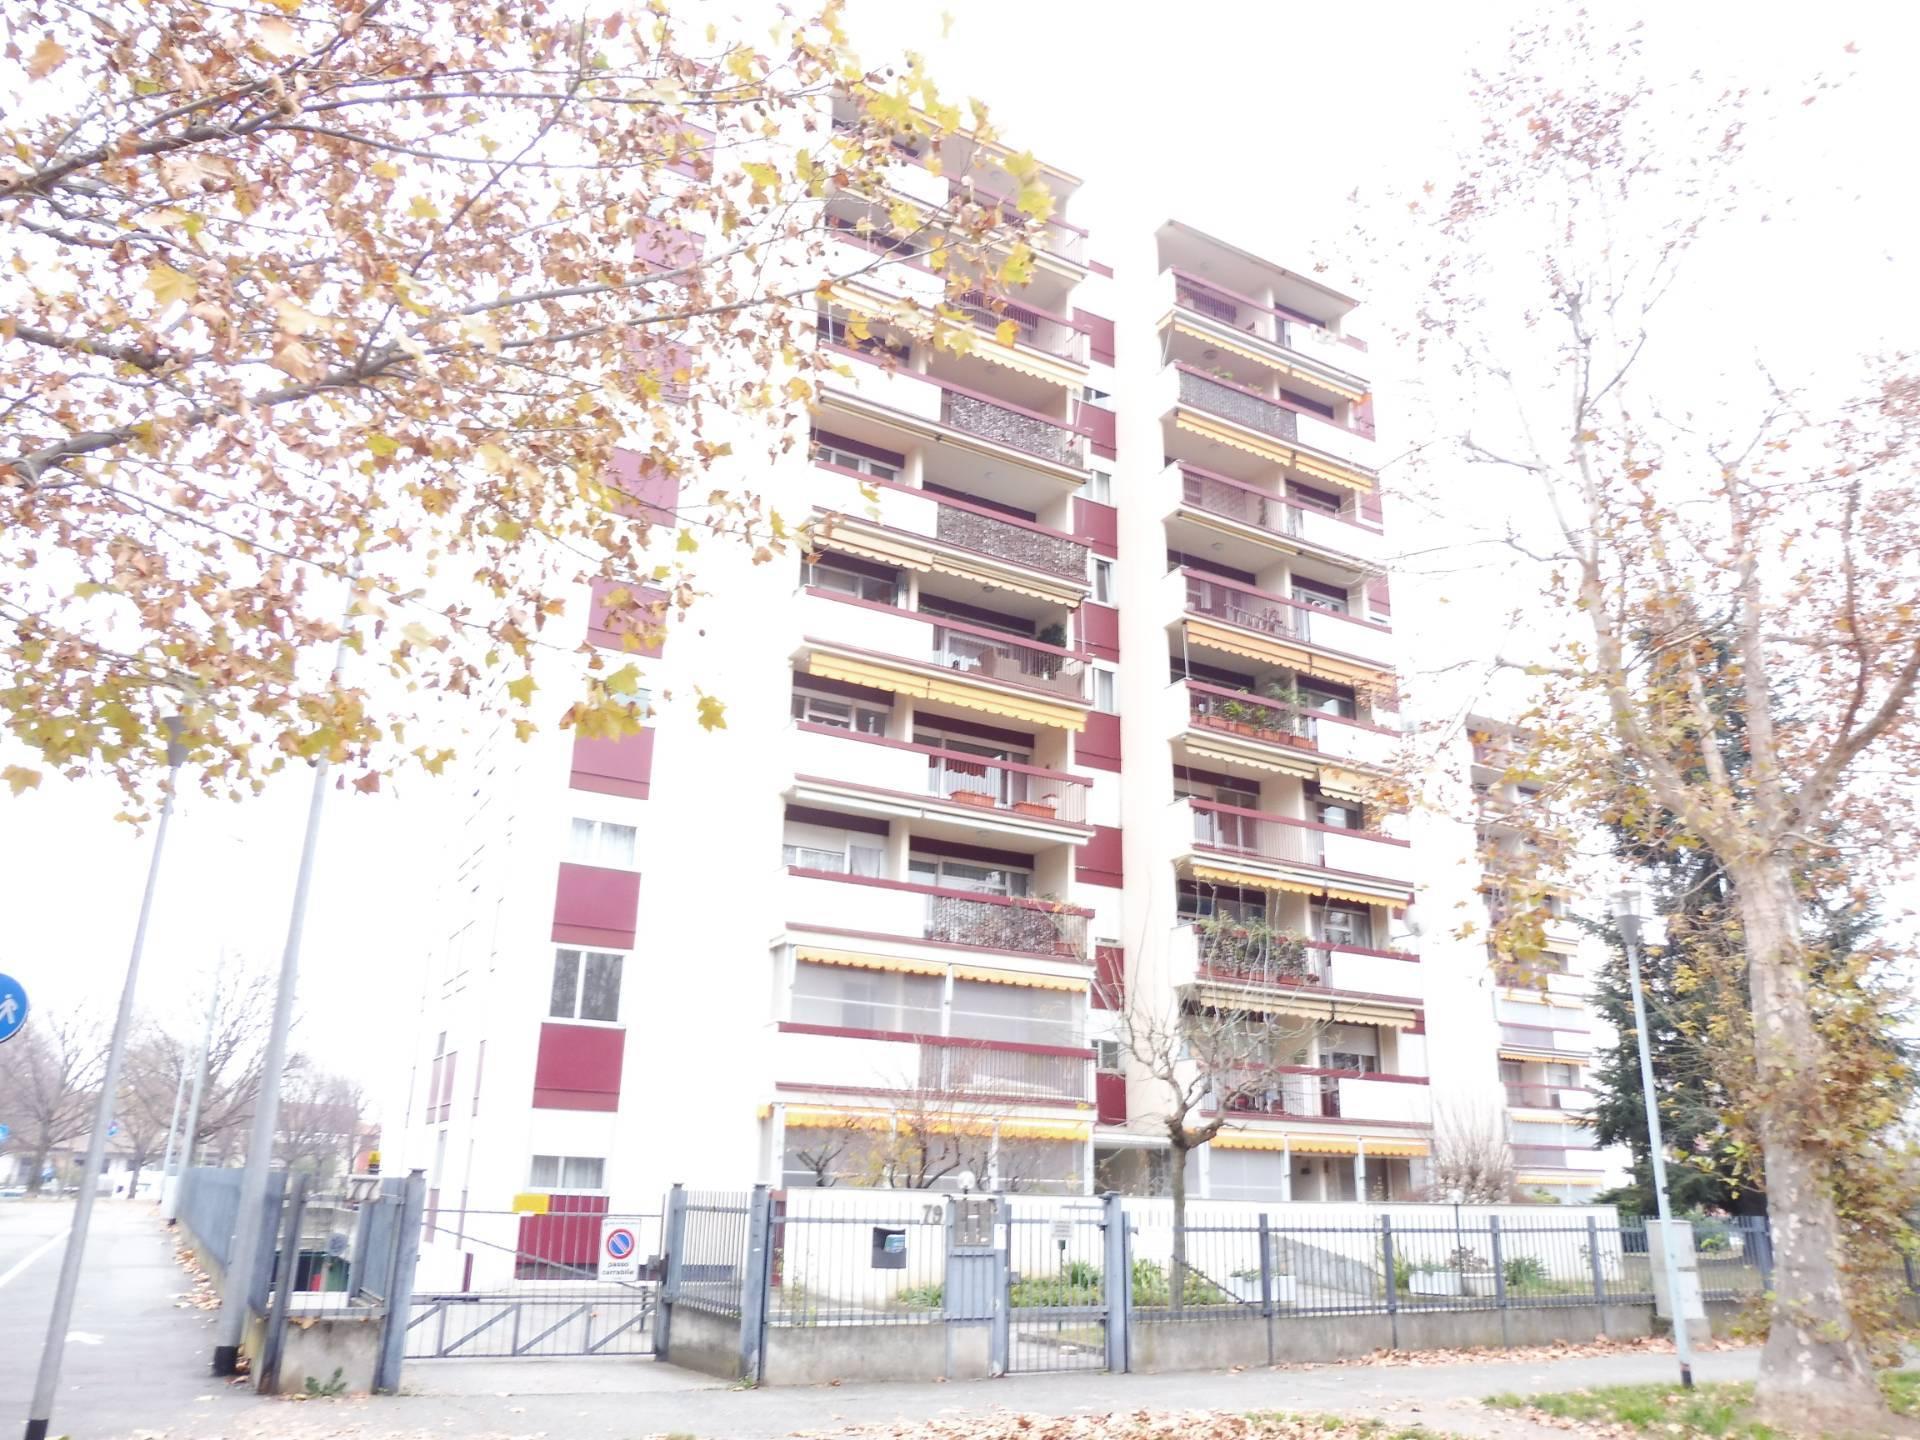 Appartamento in vendita a Grugliasco, 4 locali, zona Località: SanGiacomo, prezzo € 177.000 | CambioCasa.it